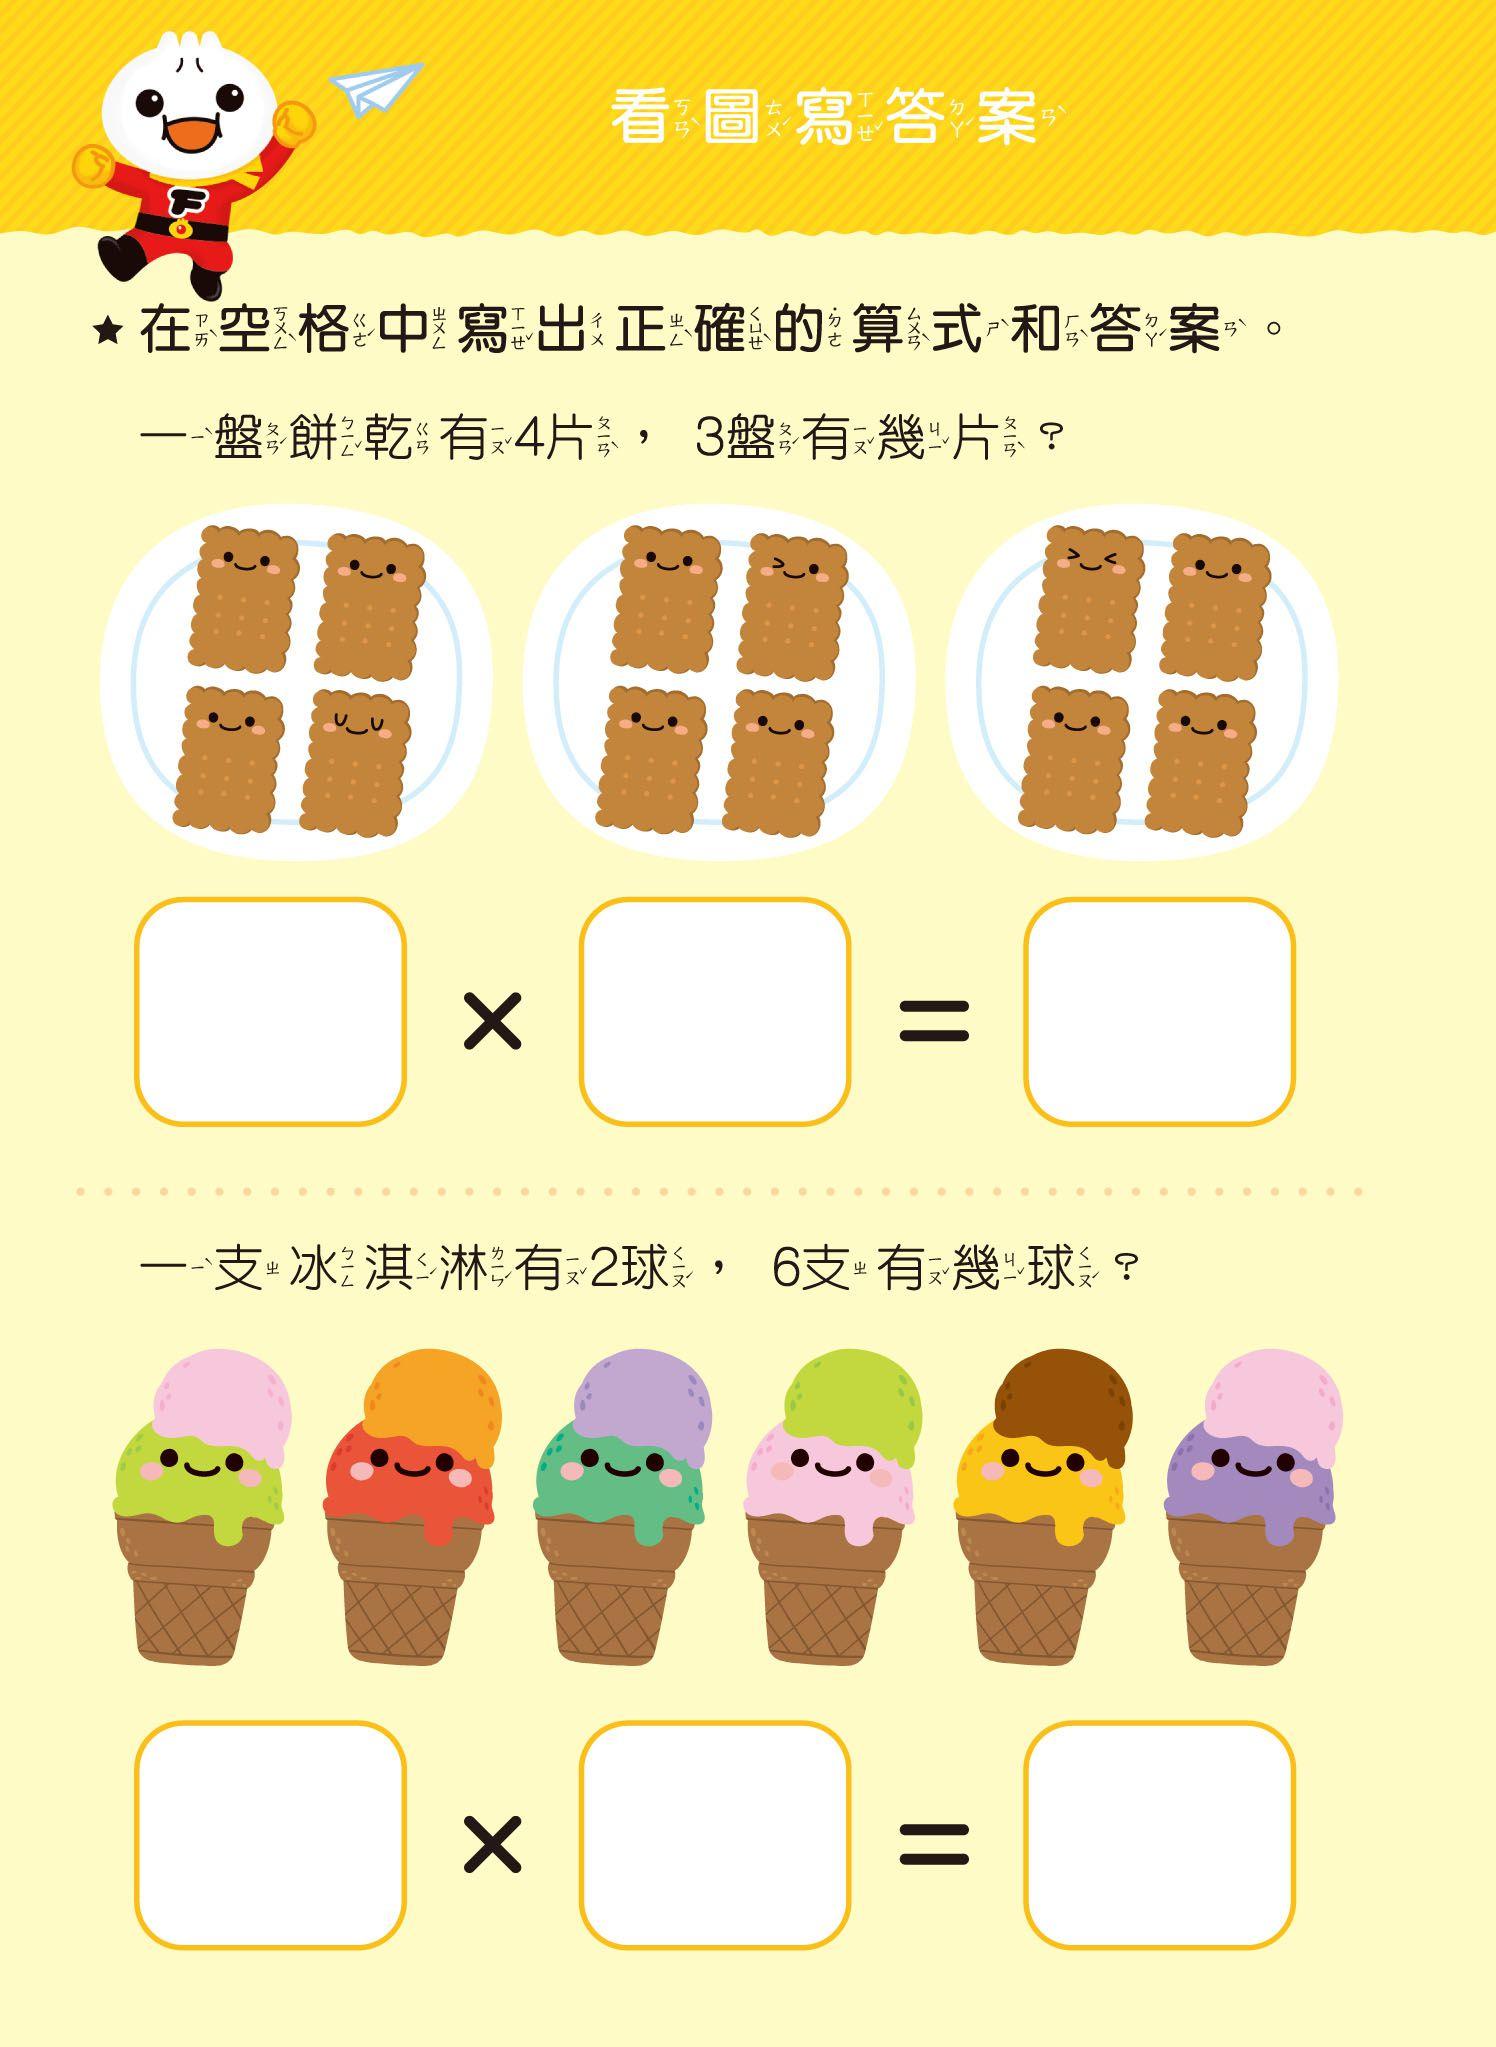 九九乘法-FOOD超人寶貝學前練習